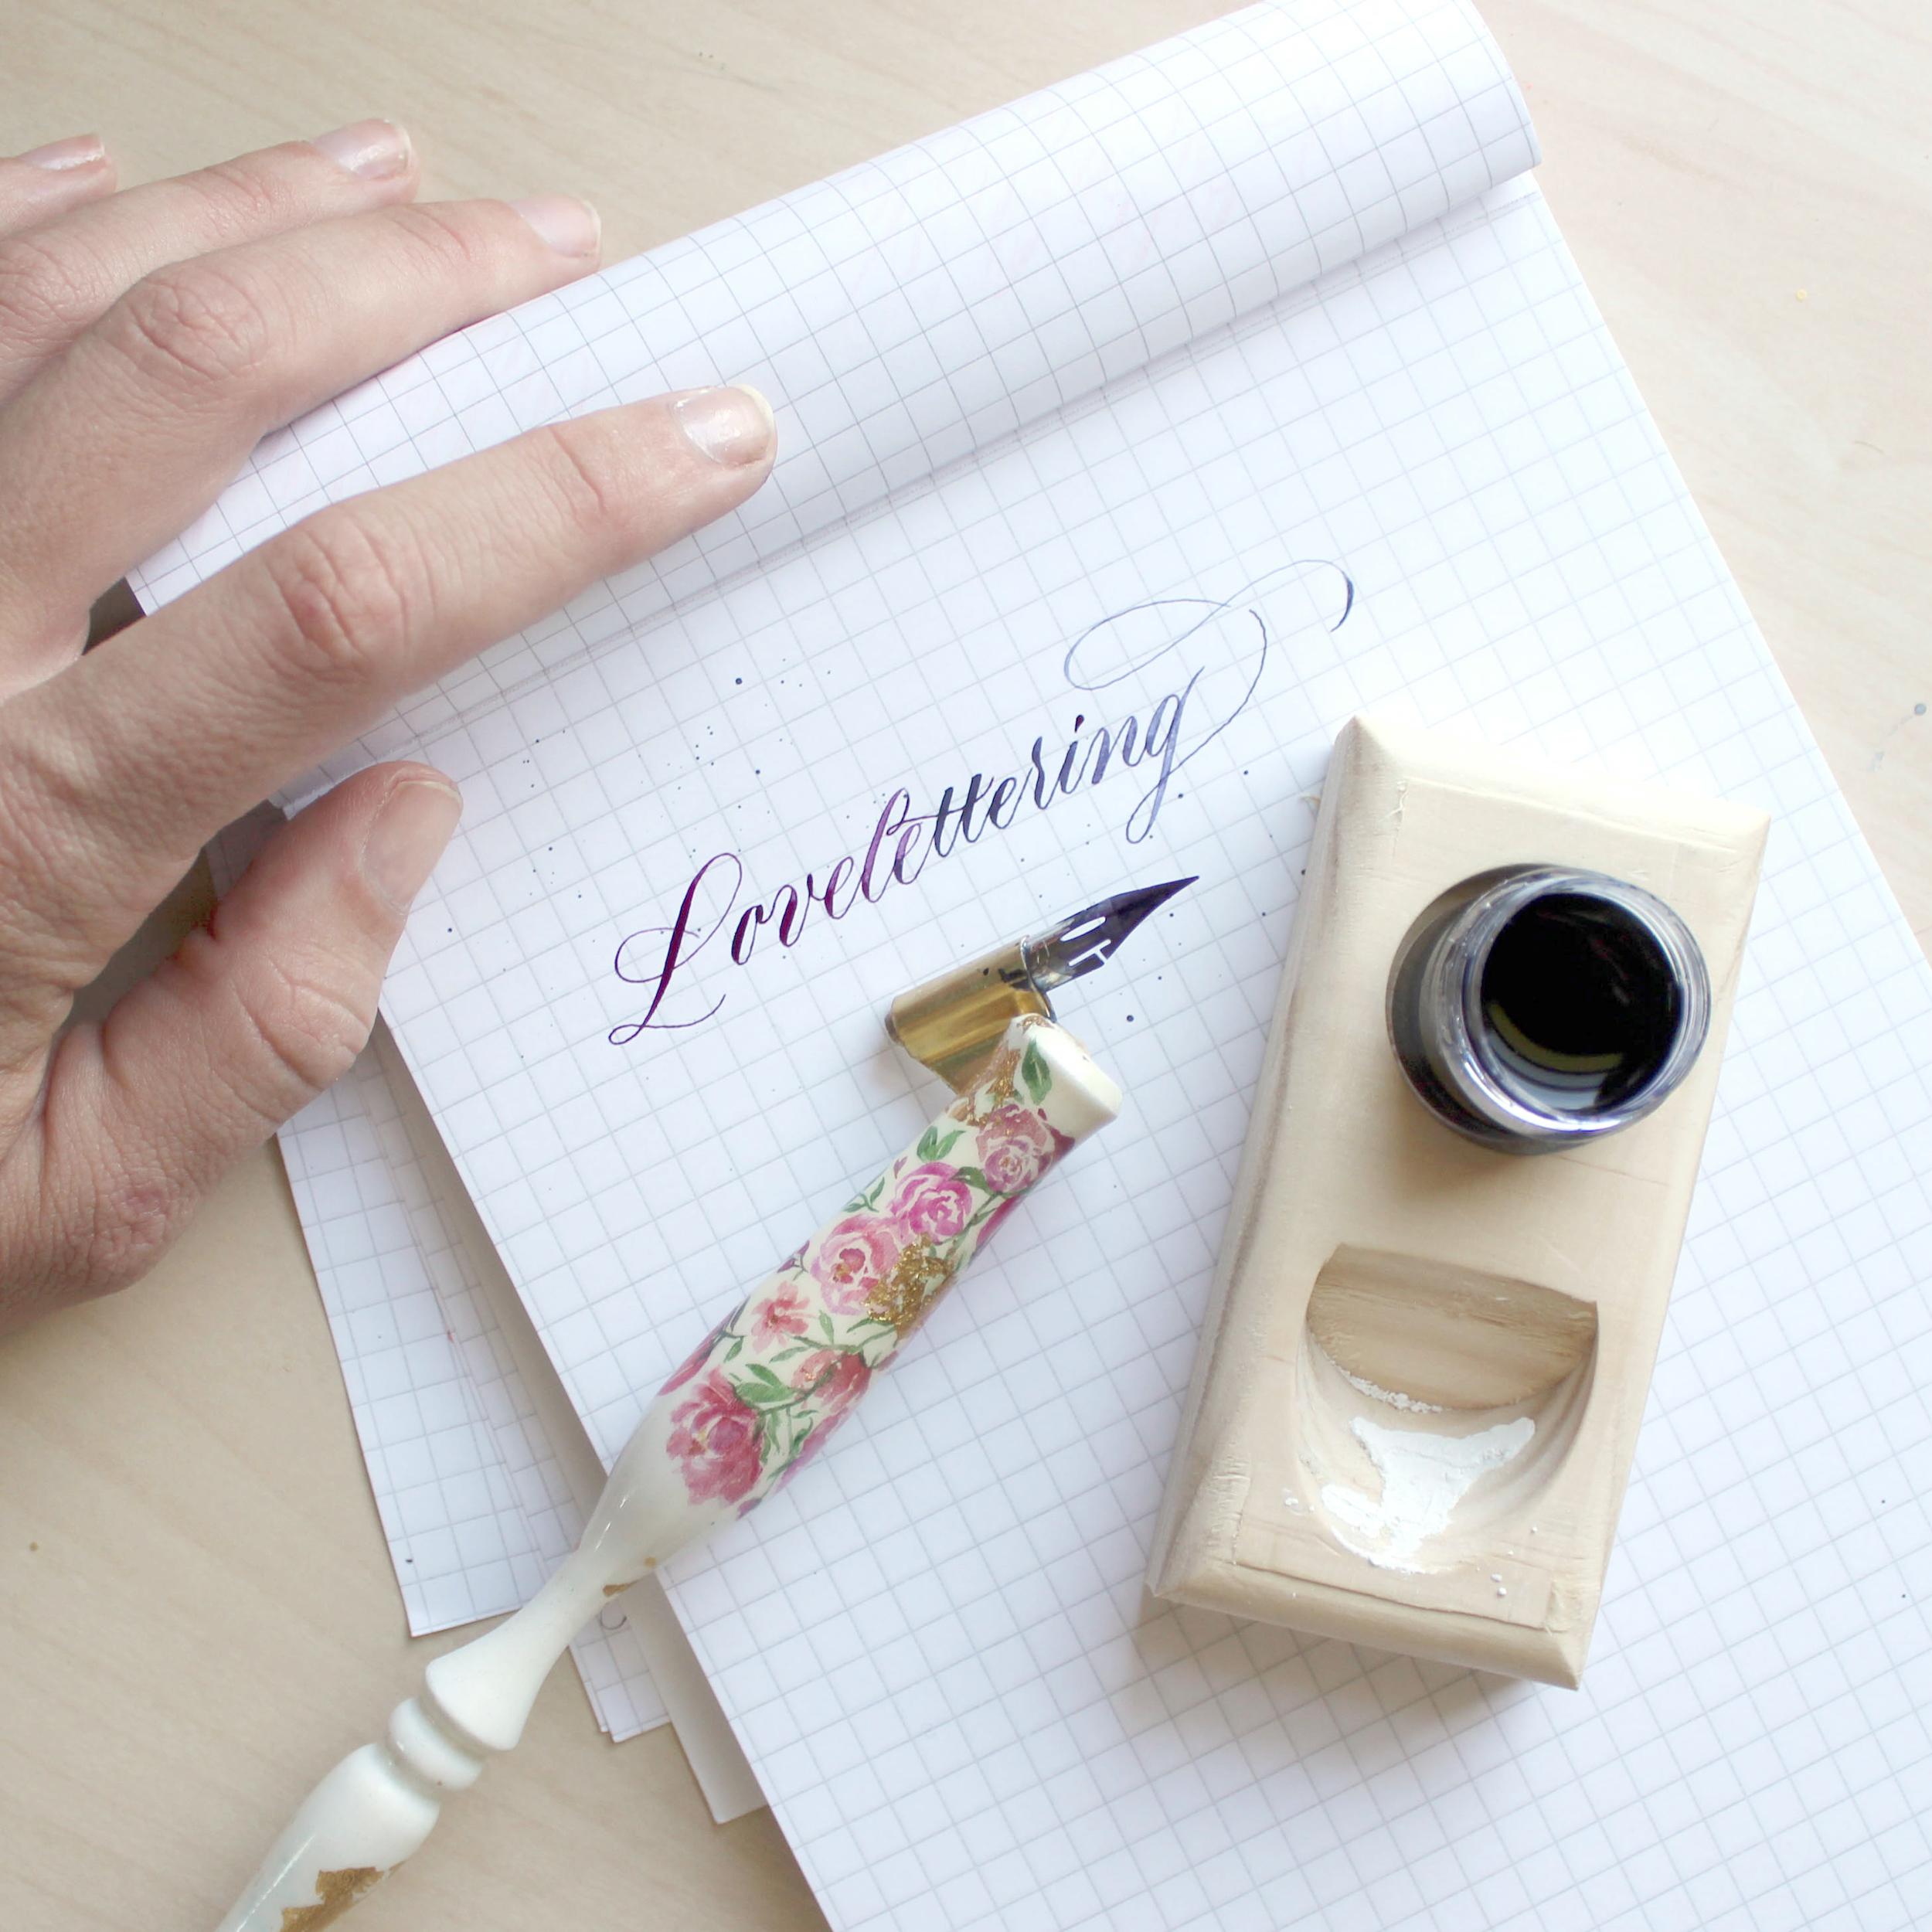 lovelettering2.JPG